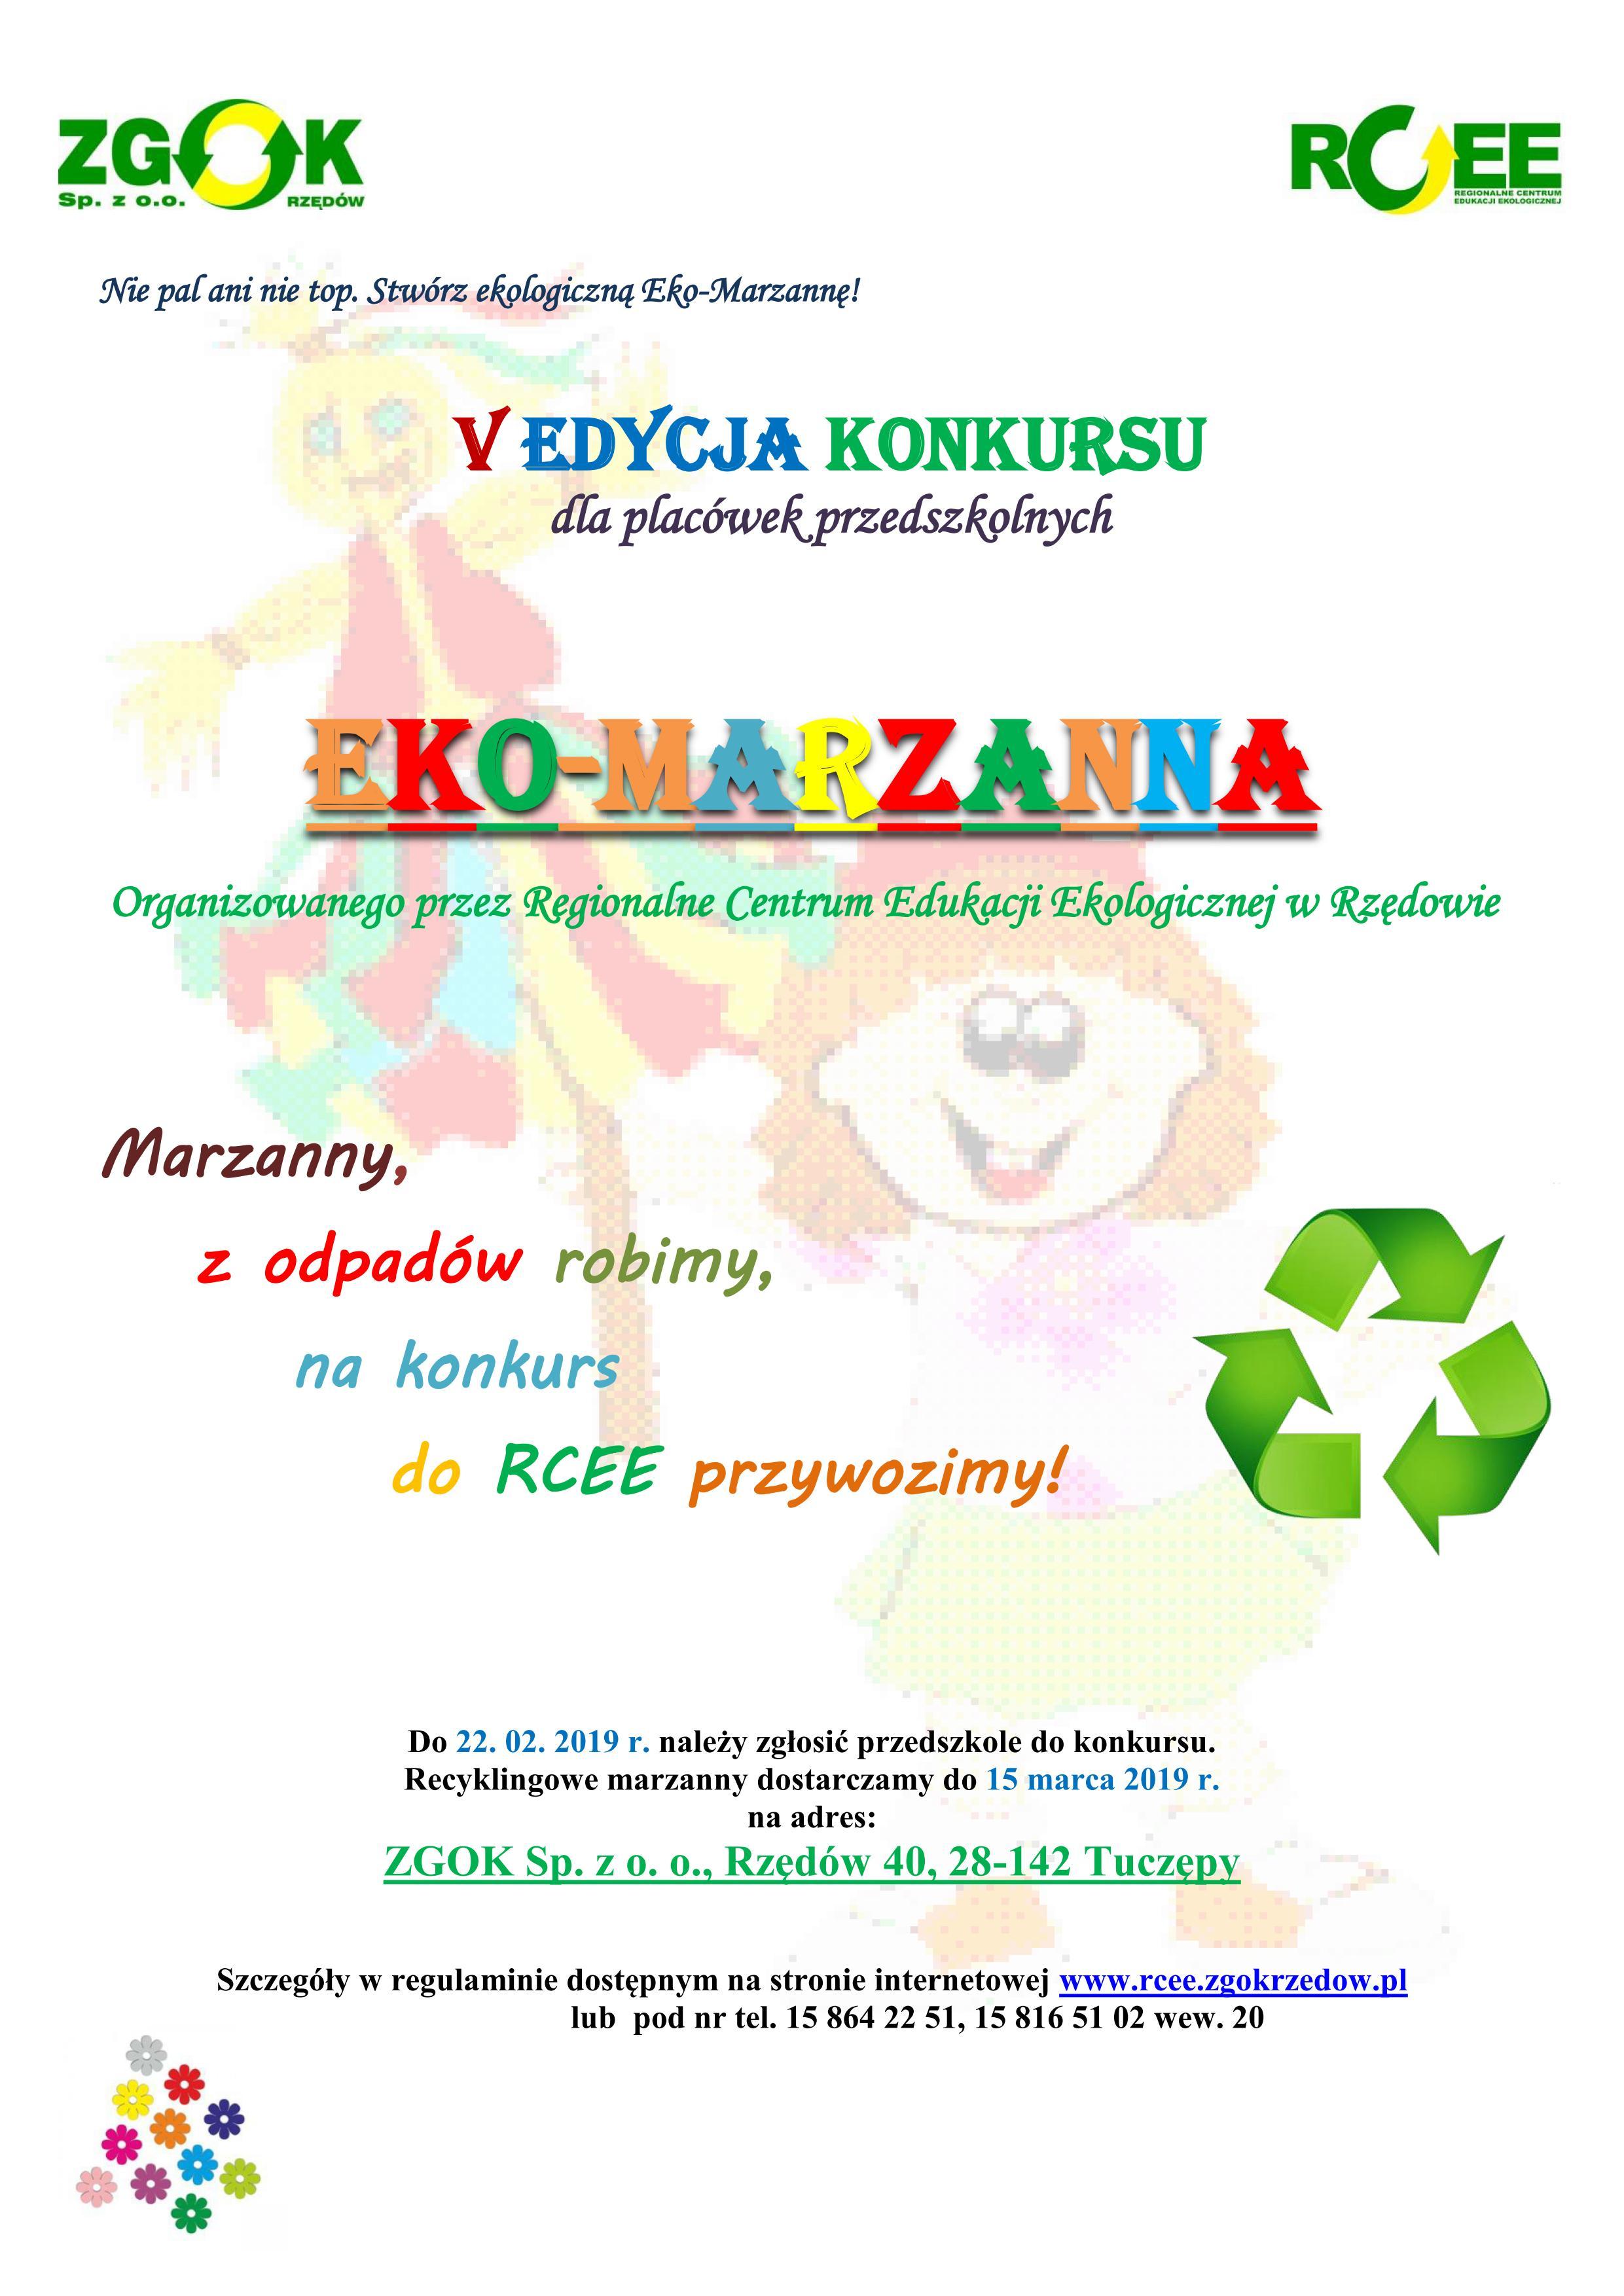 ekomarzana12019.jpg